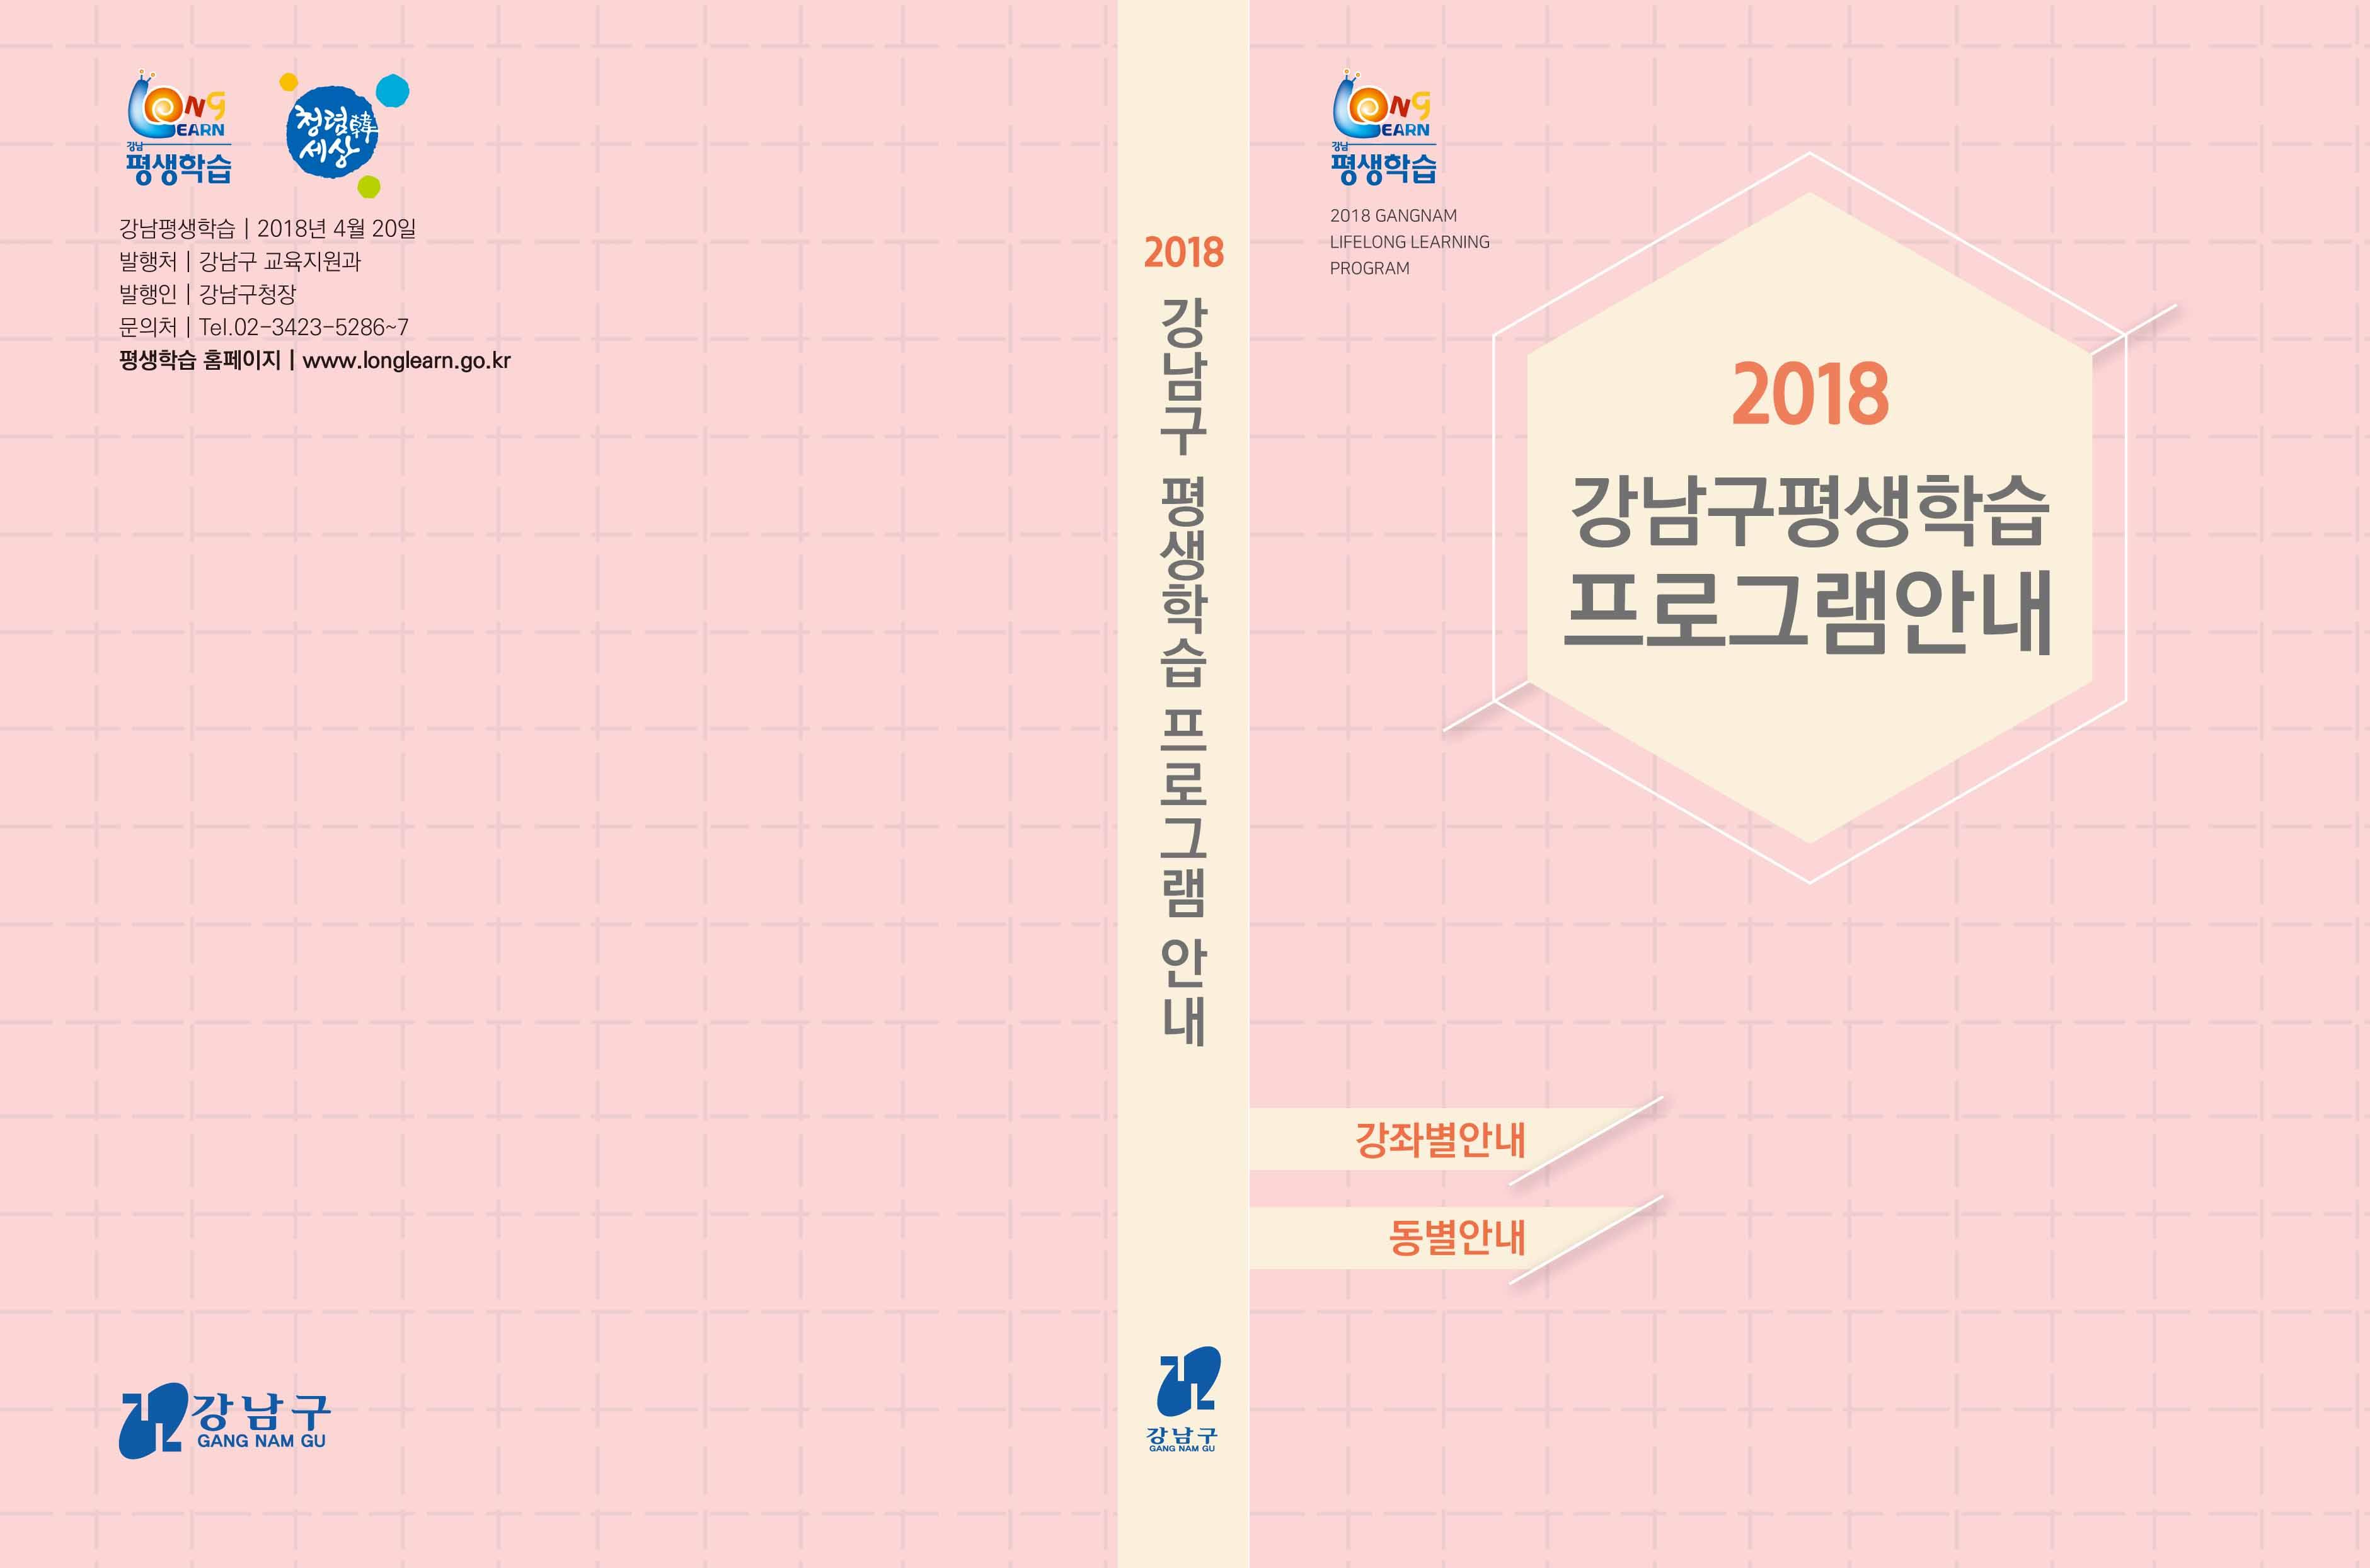 2018 강남구 평생학습 프로그램 안내 책자